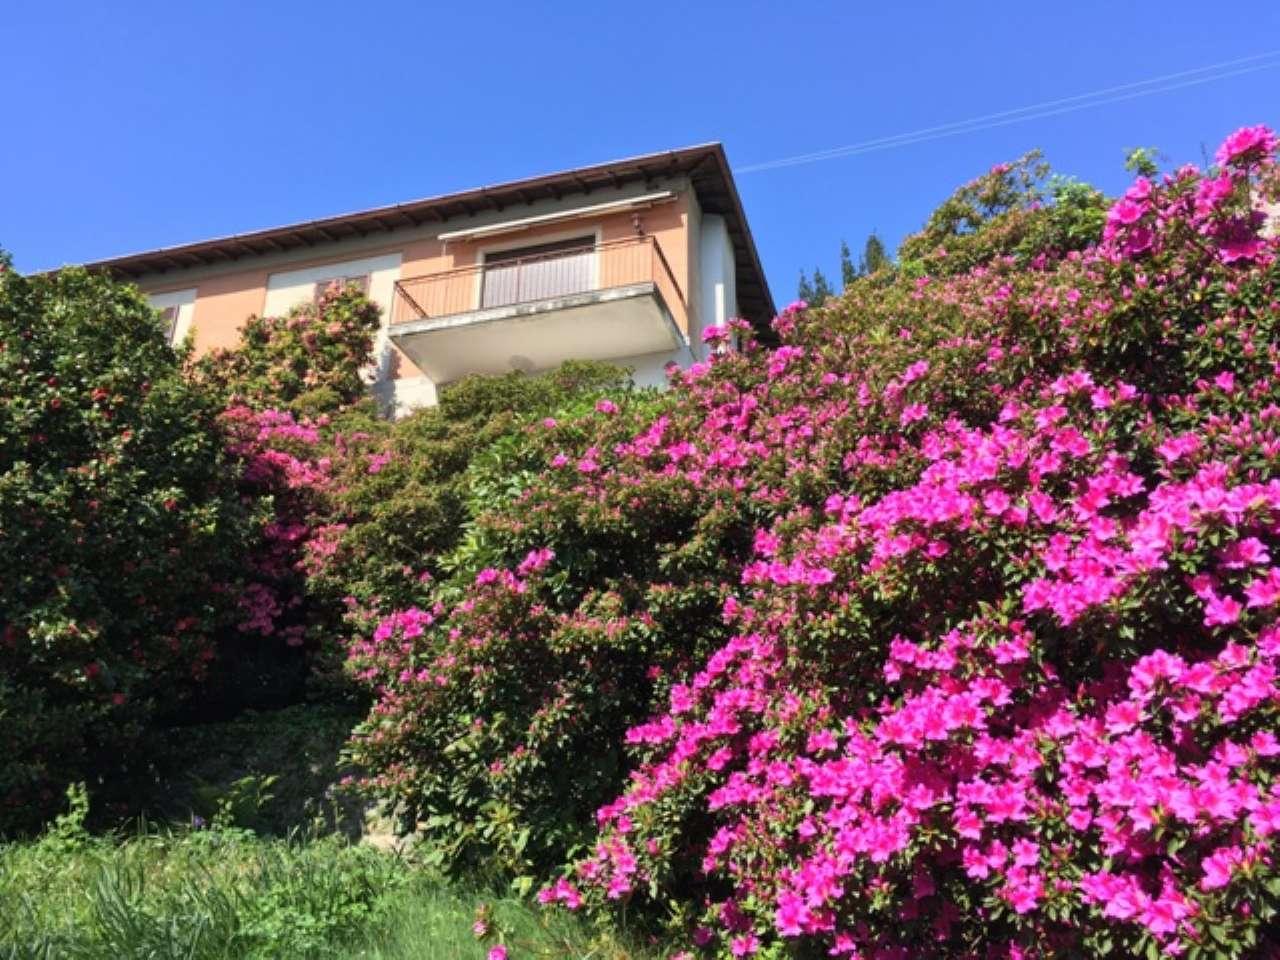 Villa in vendita a Cremia, 6 locali, prezzo € 440.000   CambioCasa.it